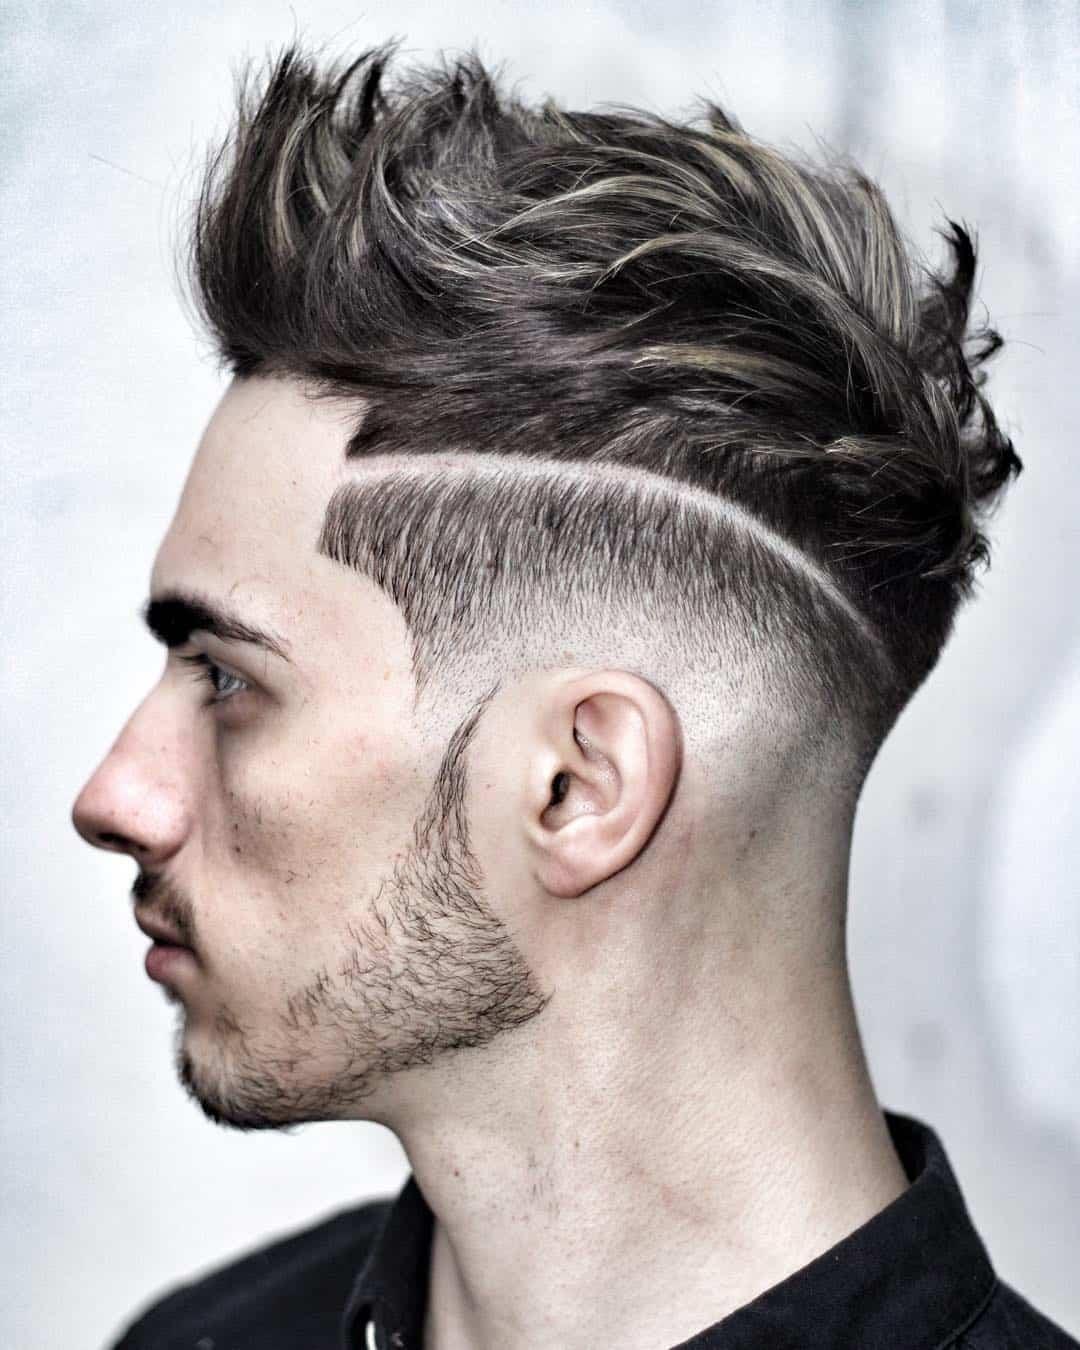 Astounding Stylish Haircuts For Men Short Hairstyles For Black Women Fulllsitofus